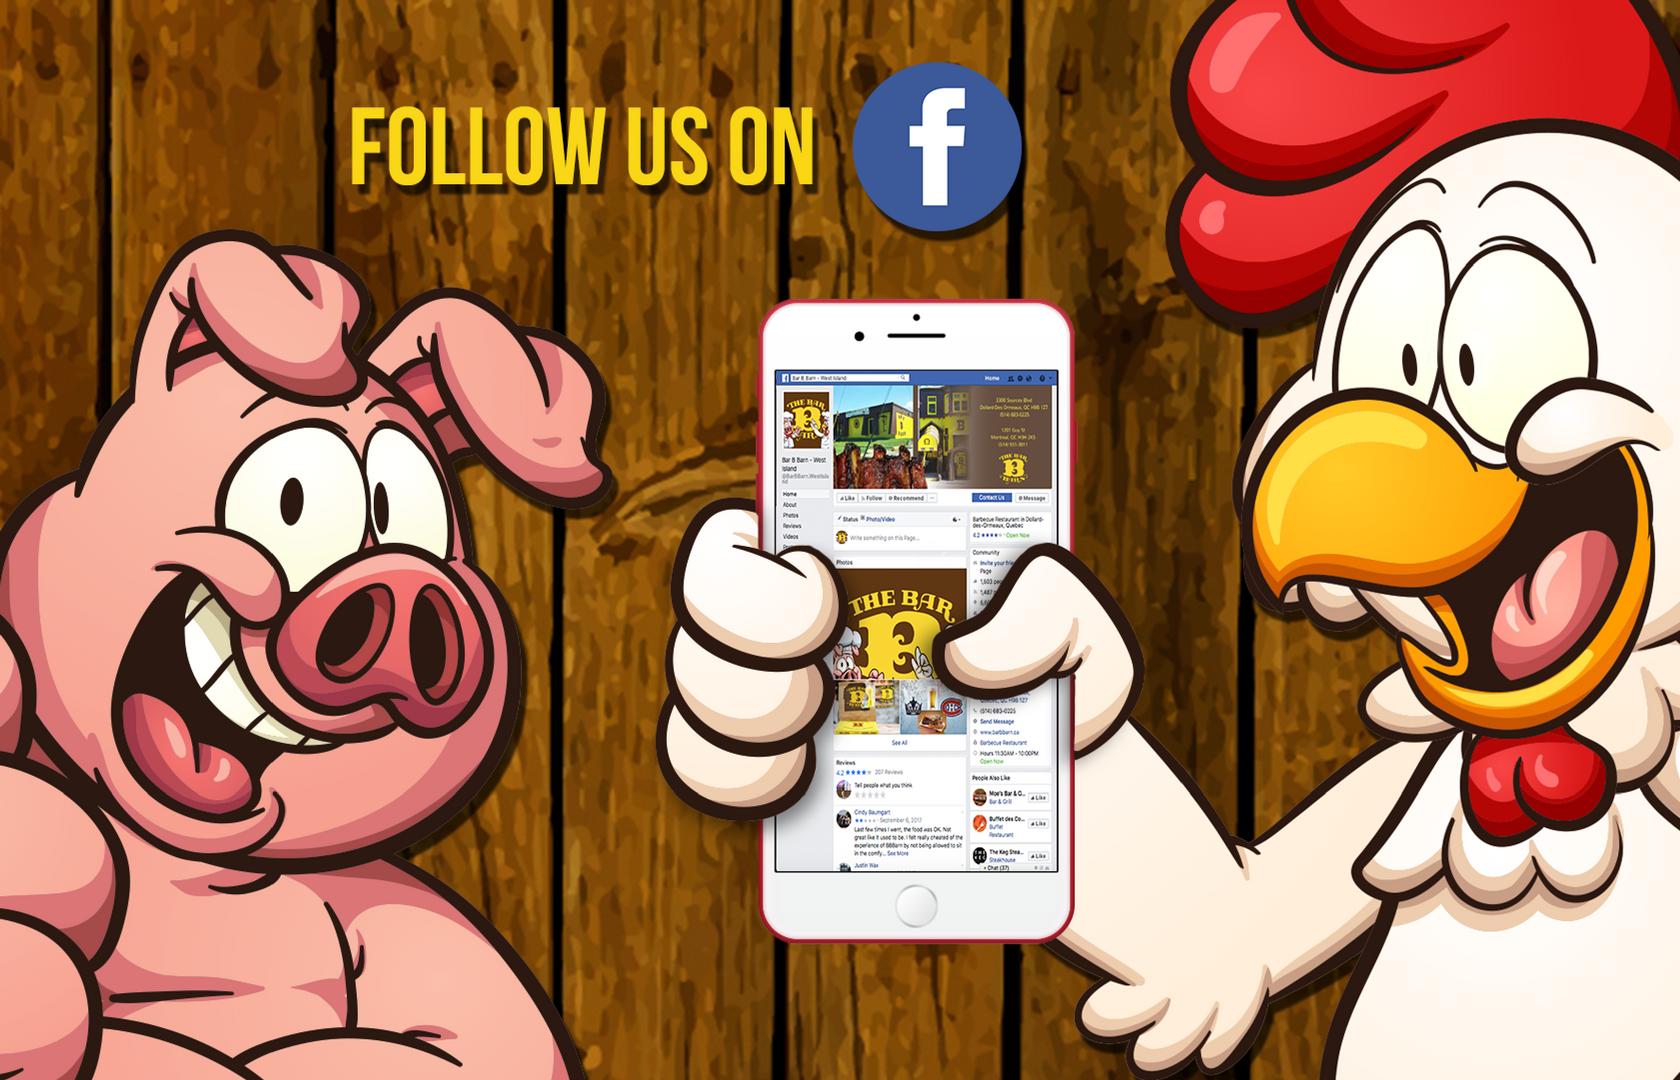 RÉSEAUX-SOCIAUX - Soyez sûr d'aimer la page Facebook officielle du Bar-B Barn pour rester à jour sur toutes les nouveautés, concours et promotions de notre restaurant.